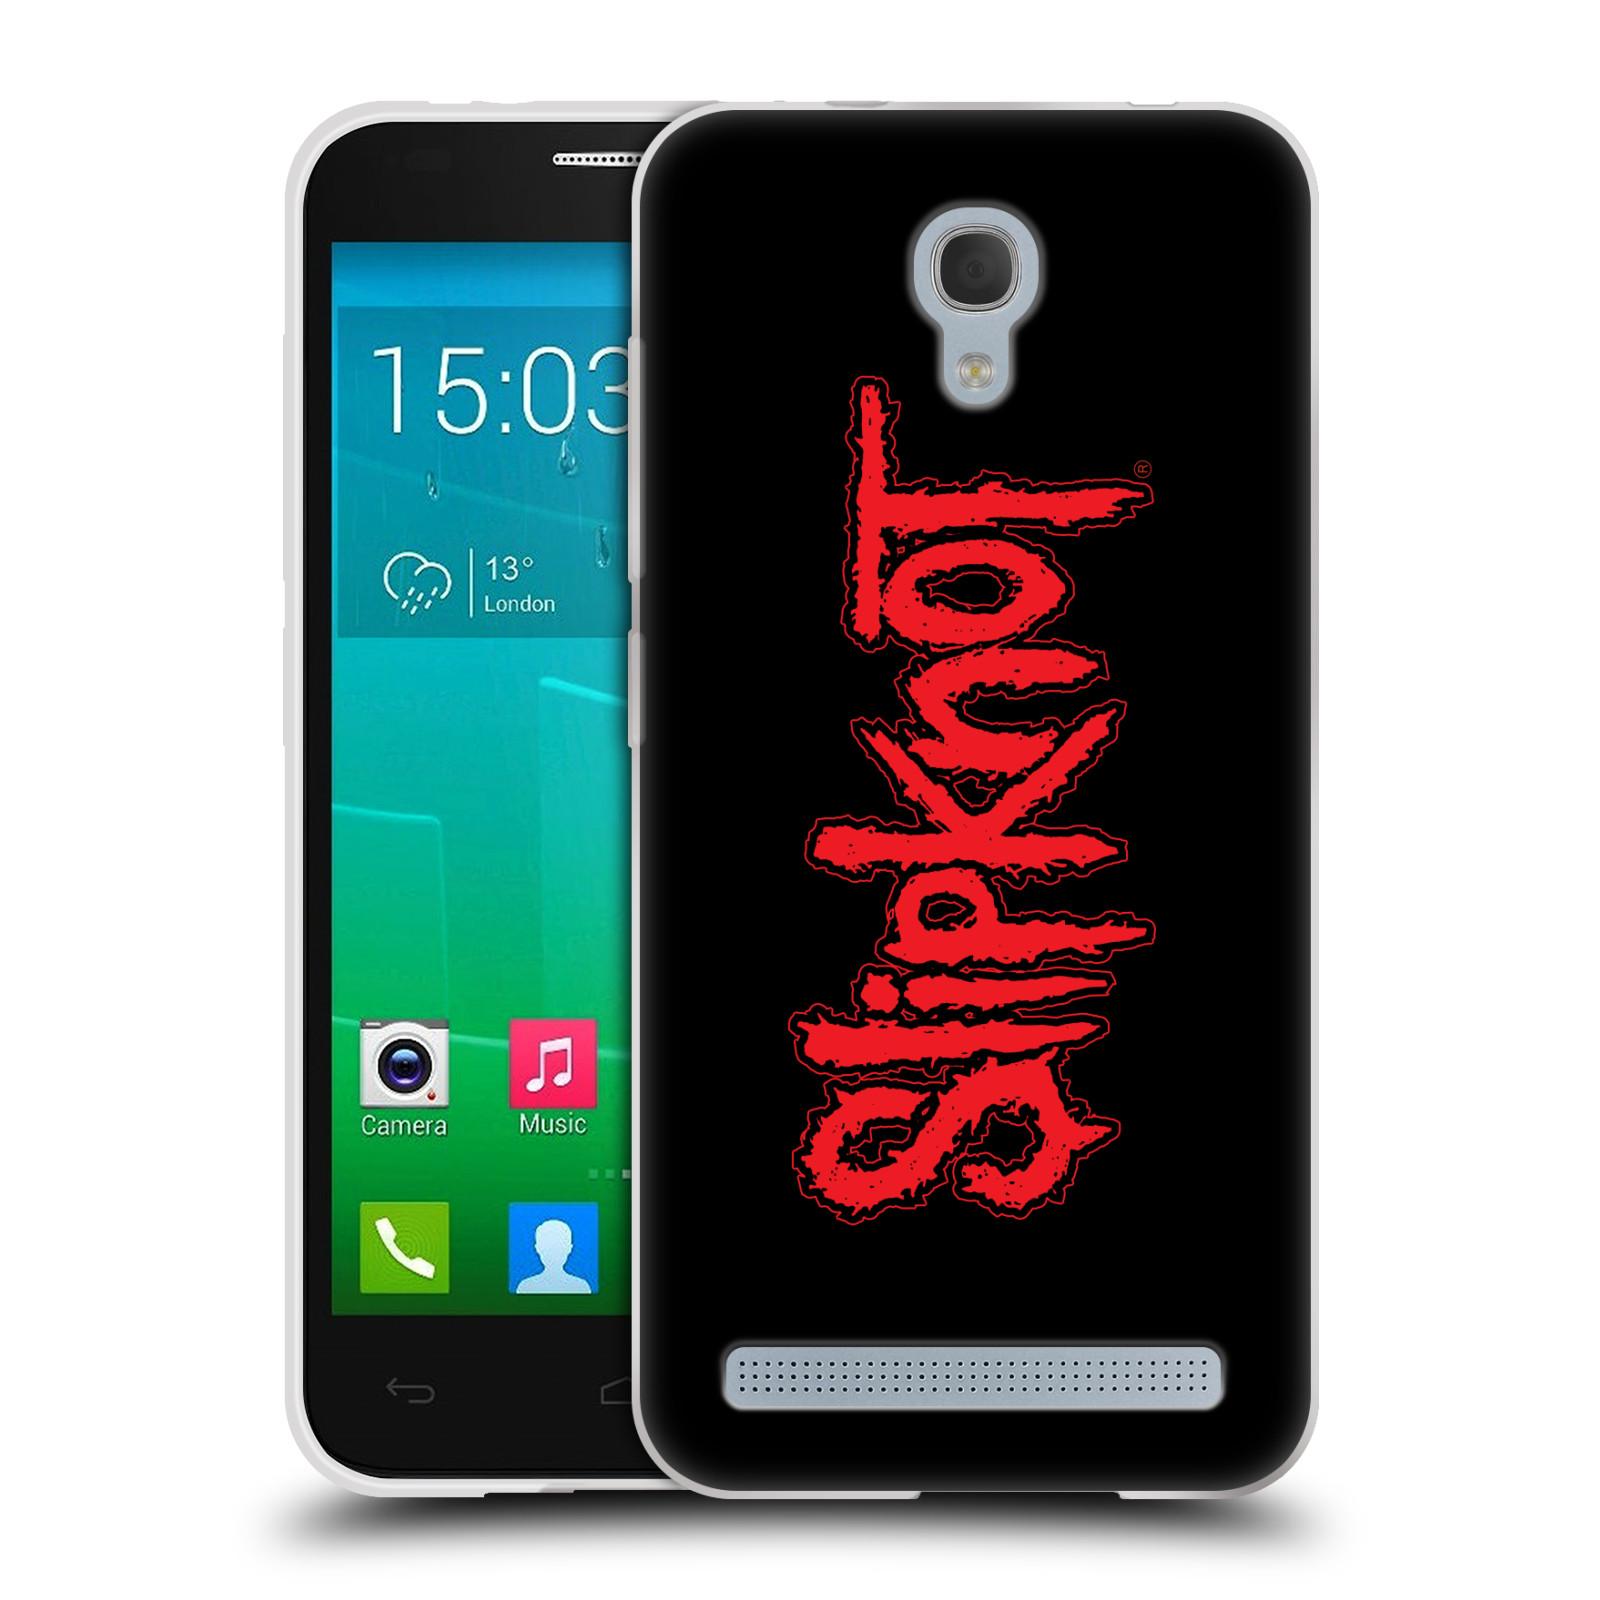 Silikonové pouzdro na mobil Alcatel One Touch Idol 2 Mini S 6036Y HEAD CASE Slipknot - Logo (Silikonový kryt či obal na mobilní telefon licencovaným motivem Slipknot pro Alcatel Idol 2 Mini S OT-6036Y)